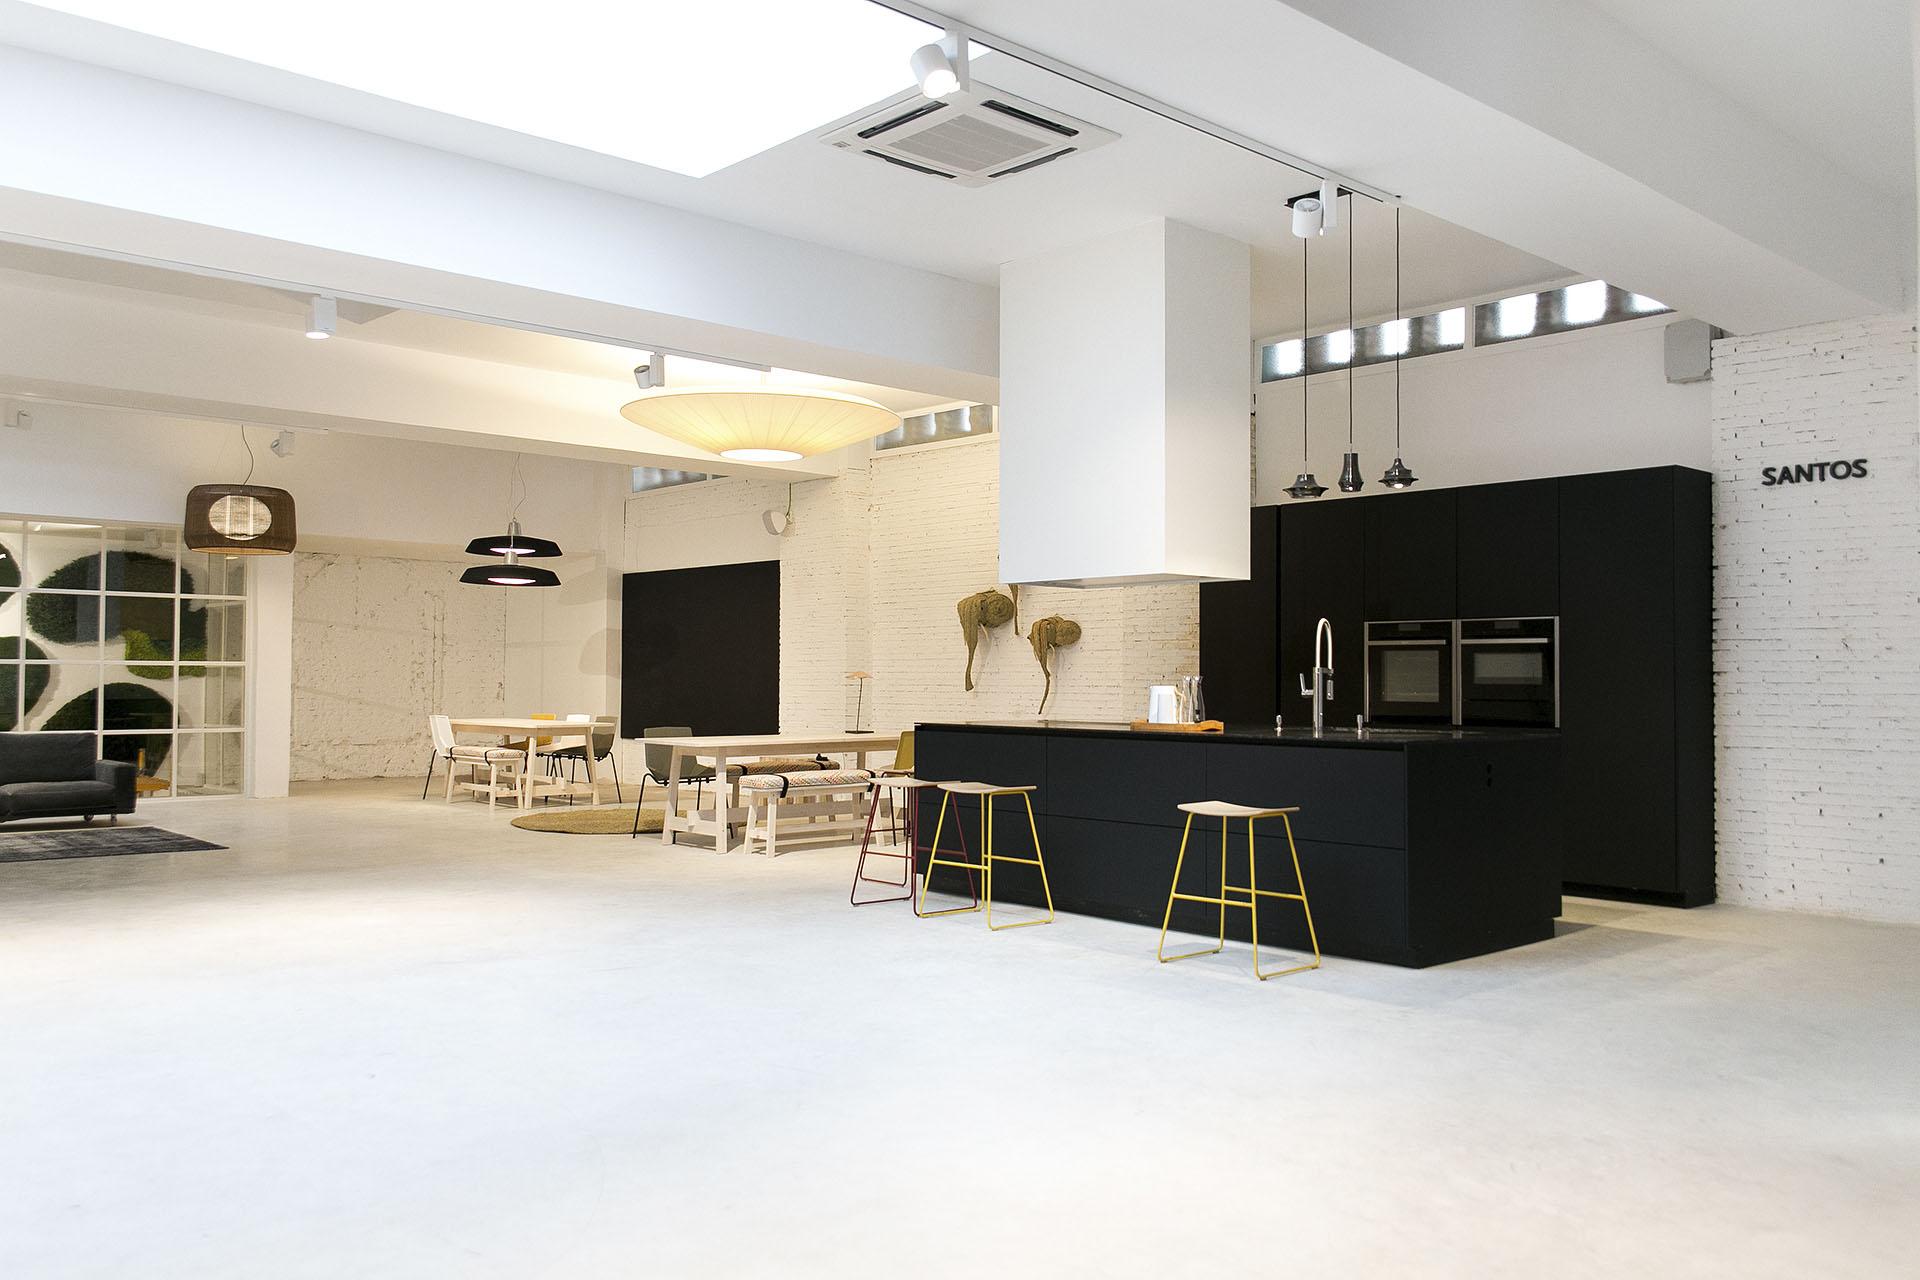 Cocinas negras con isla Santiago Interiores